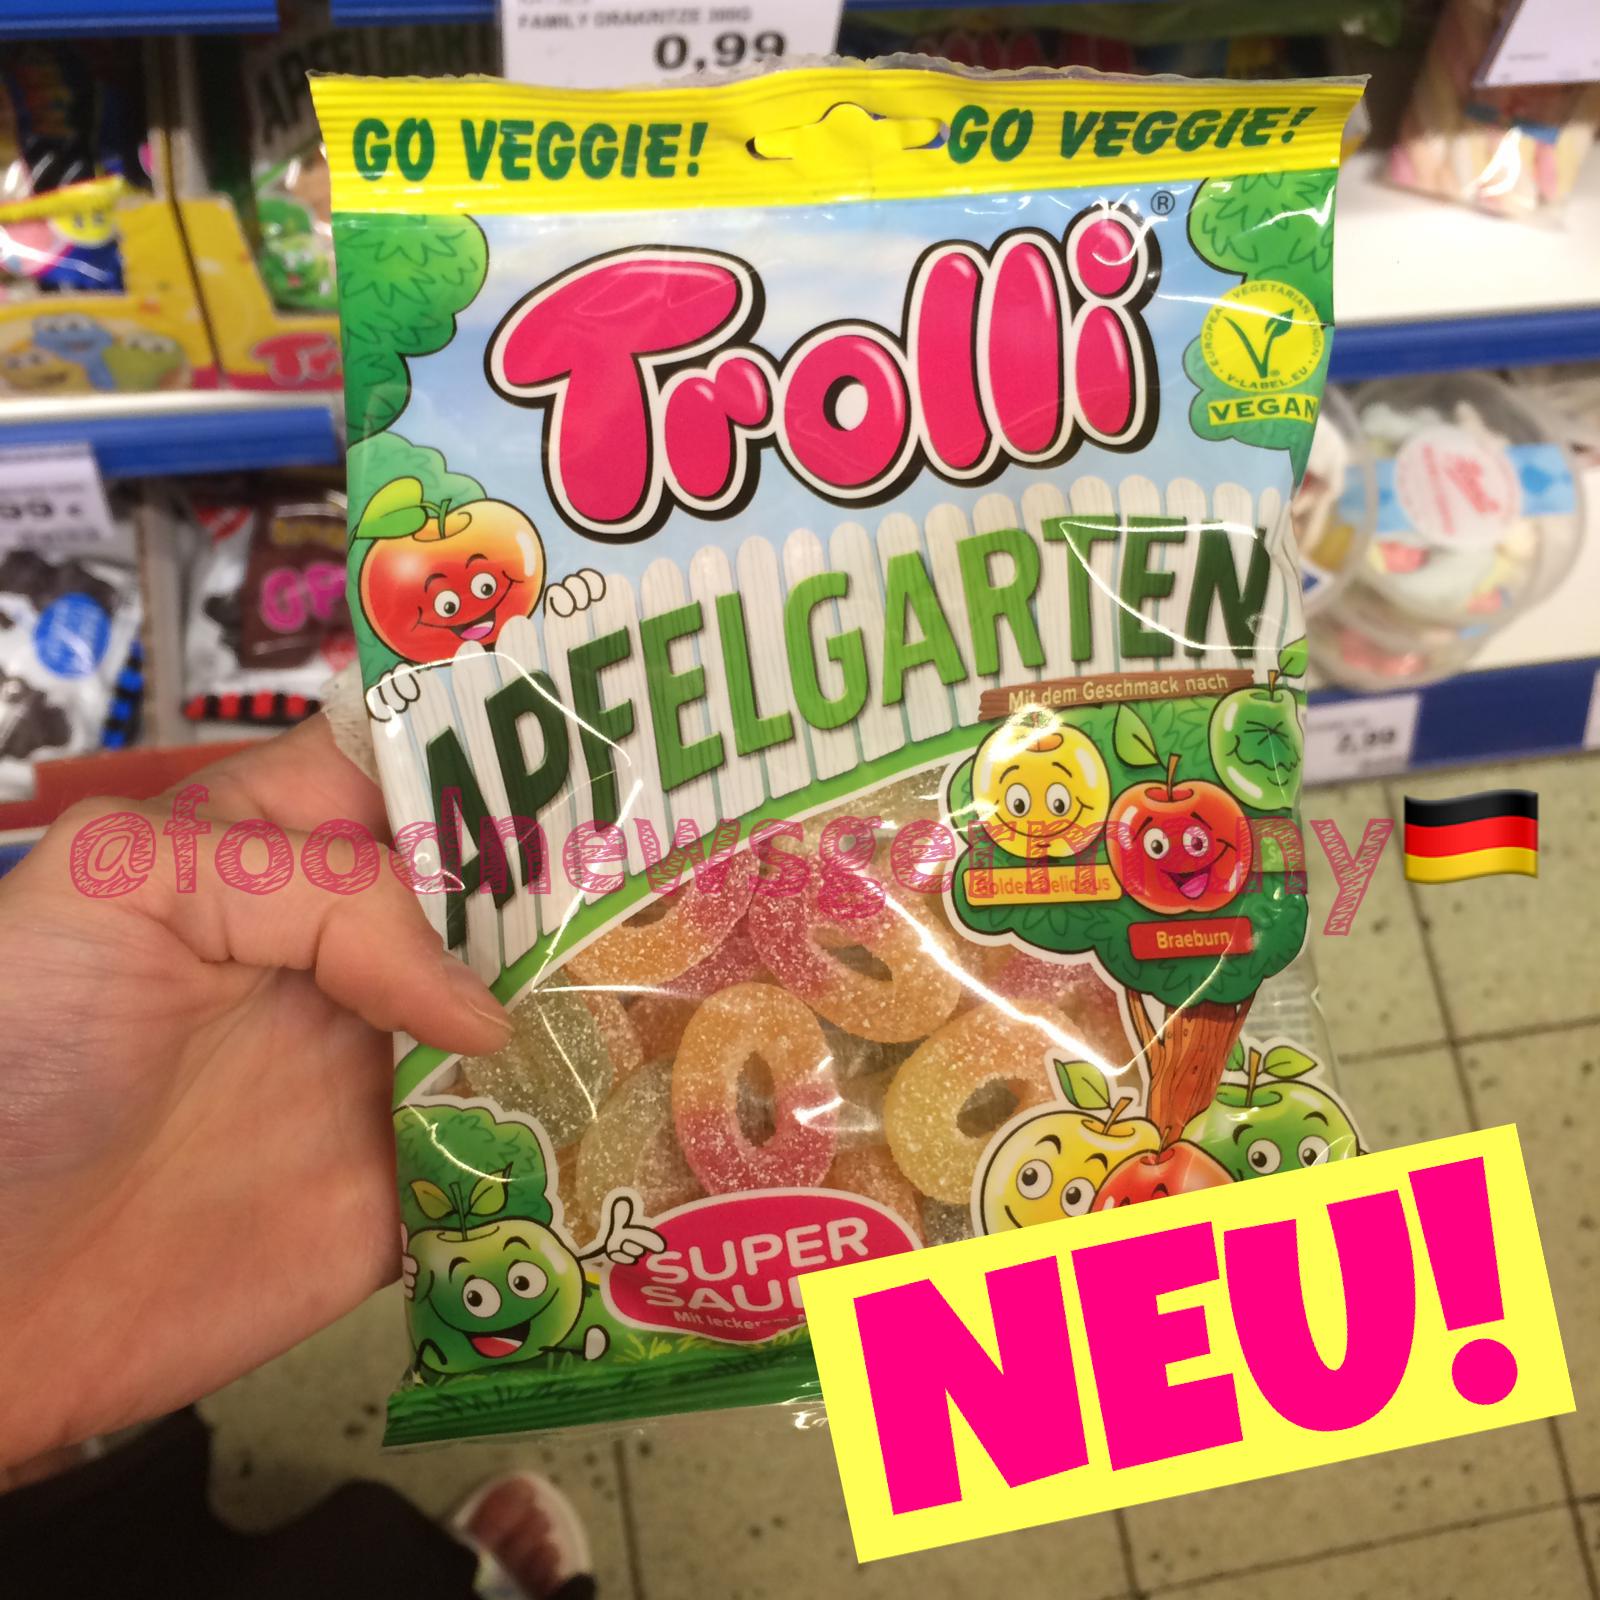 Trolli Apfelgarten vegane Apfelringe